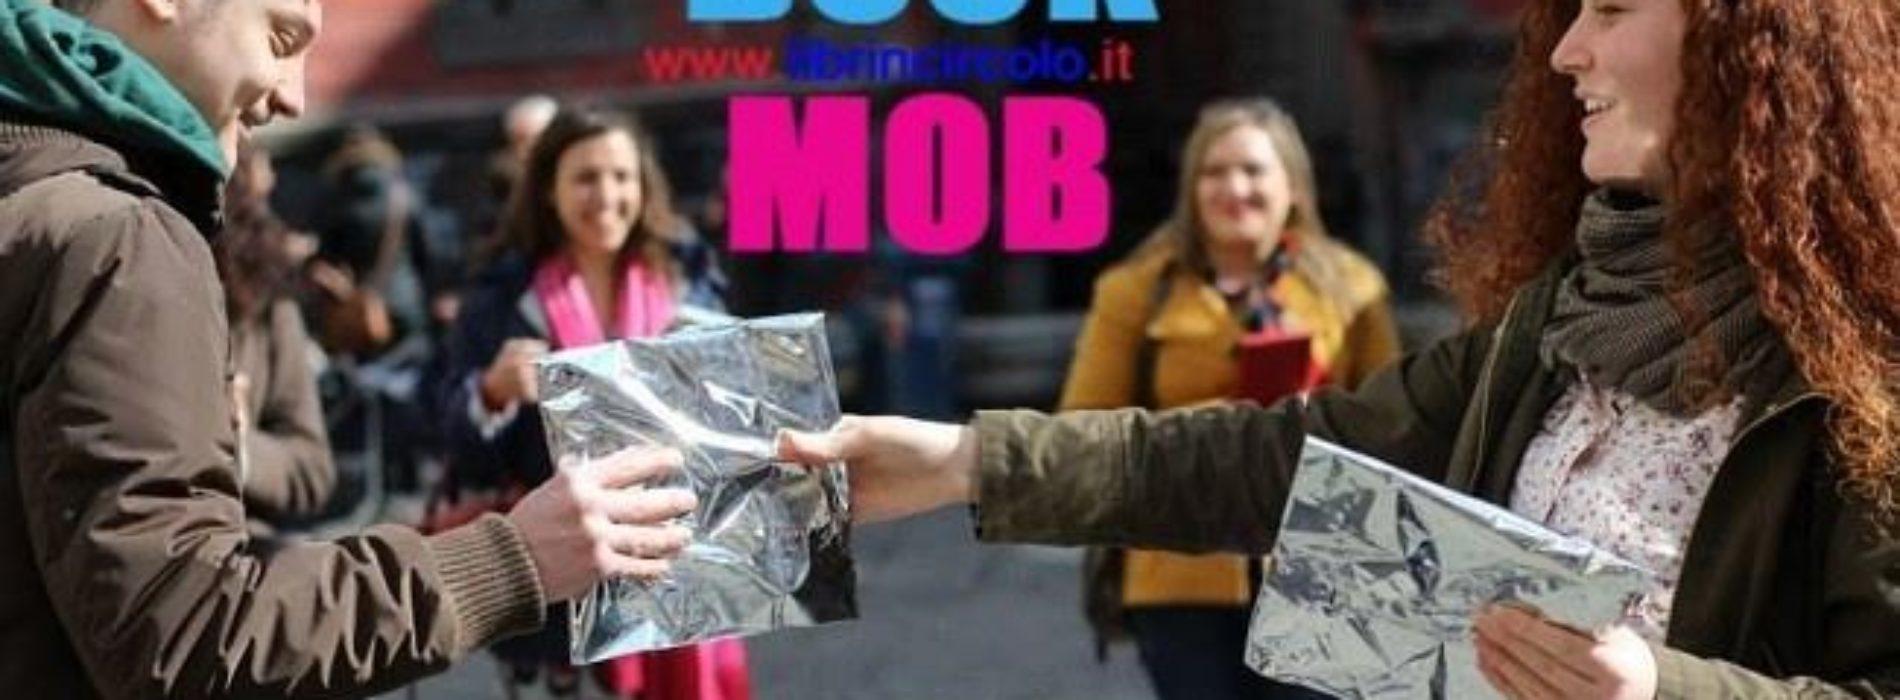 """A Napoli napoli arriva il """"BookMob"""": donare e ricevere libri a sorpresa!"""